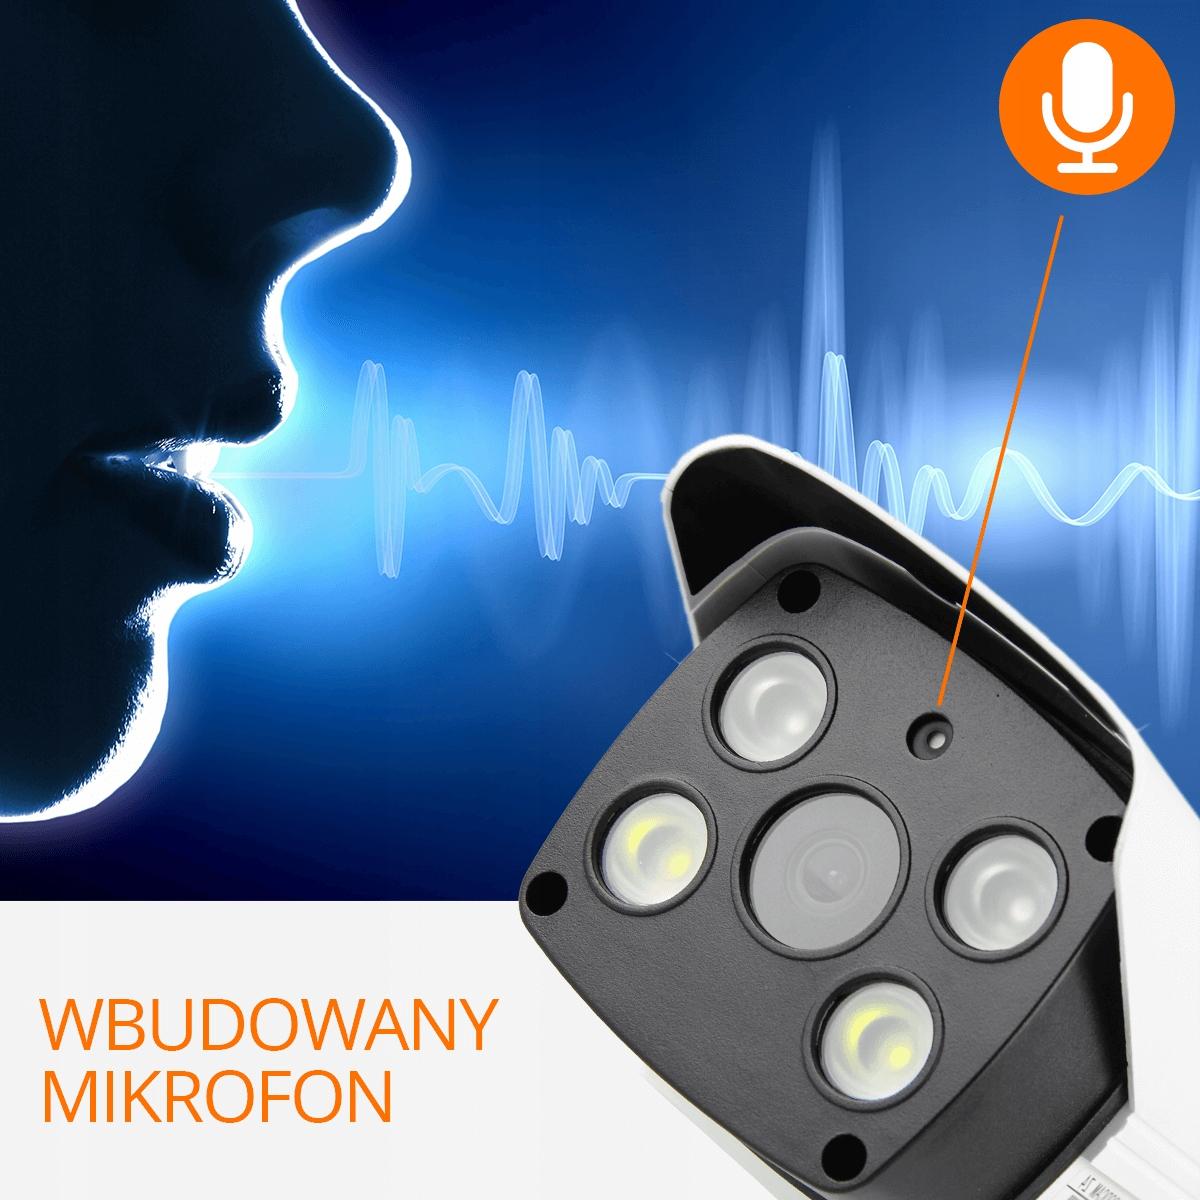 Kamera Zewnętrzna 2MP WiFi Syrena ORLLO GOODCAM Z4 Funkcje automatyczna regulacja wzmocnienia (AGC) kompensacja światła z tyłu (BLC) nagrywanie na kartę pamięci szeroki zakres dynamiki (WDR) głośnik mikrofon Wi-Fi